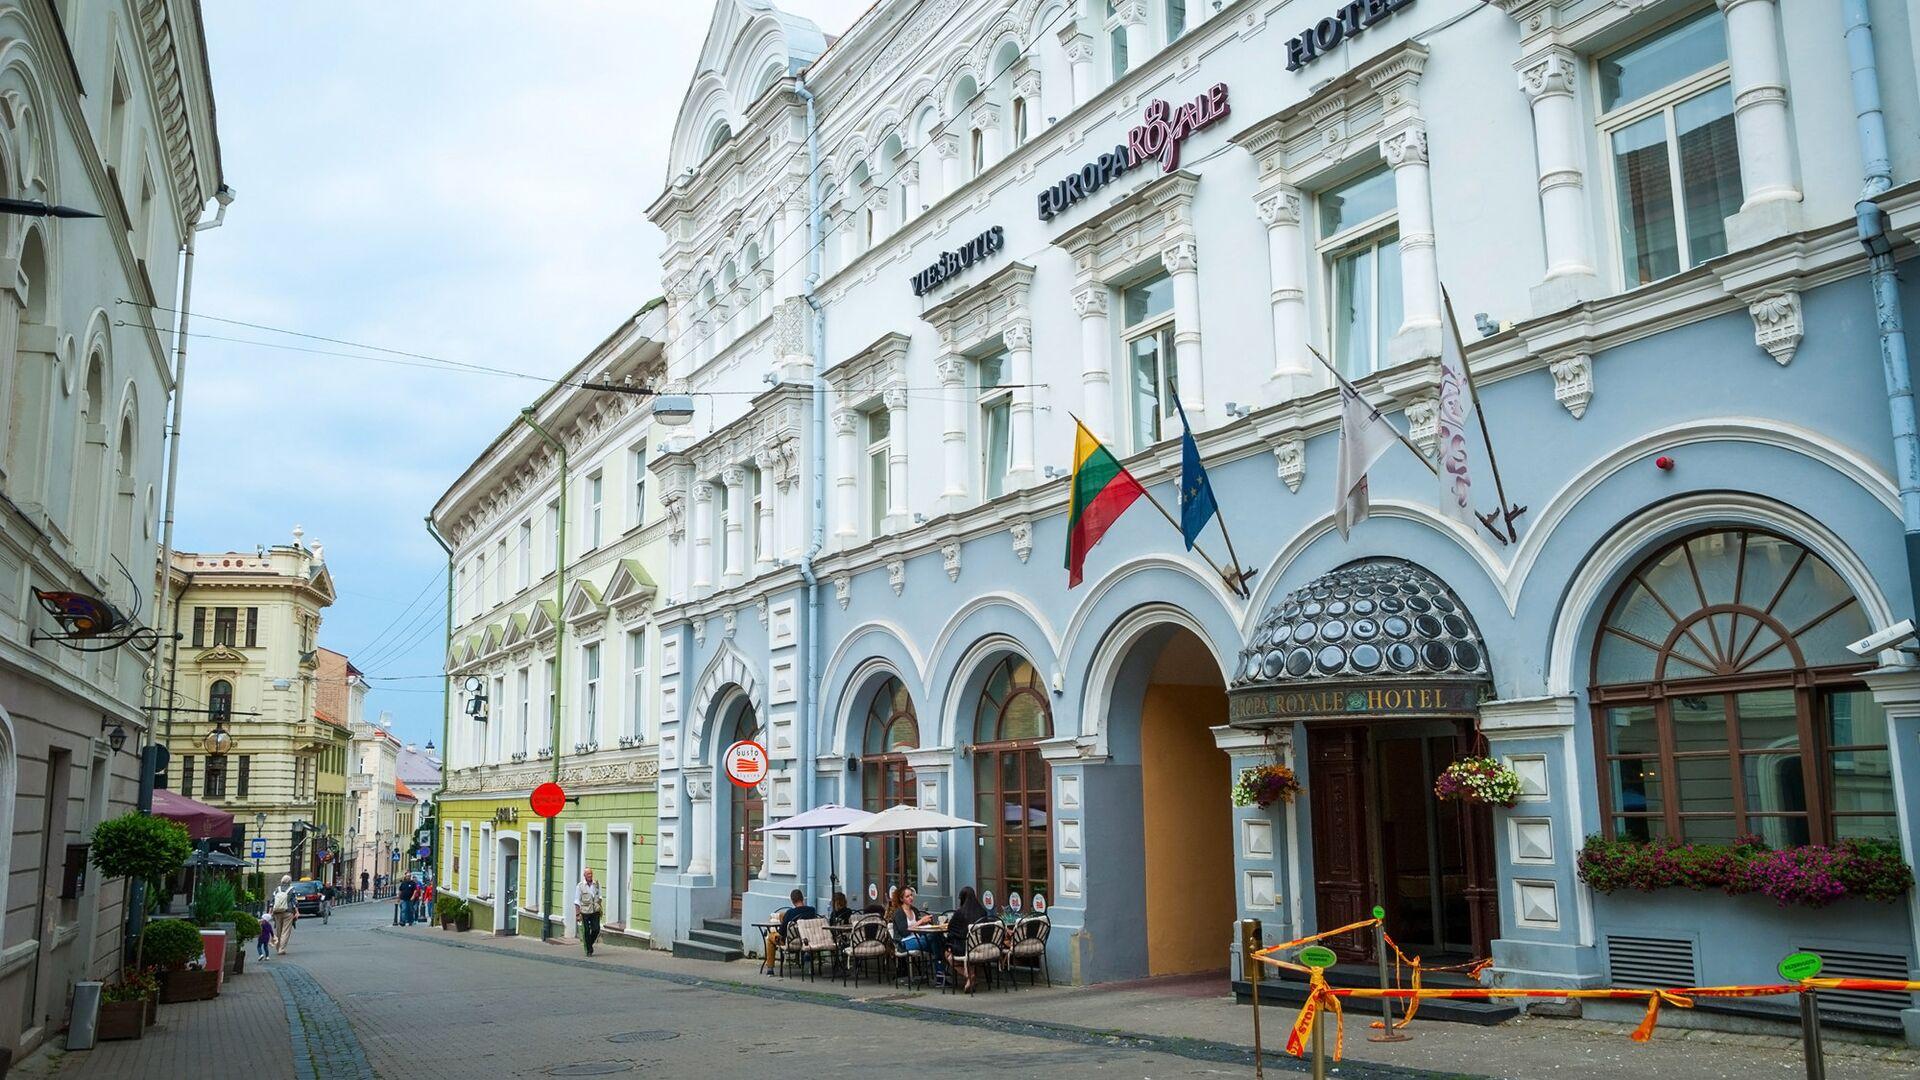 Старый город Вильнюса, Литва - РИА Новости, 1920, 23.06.2021